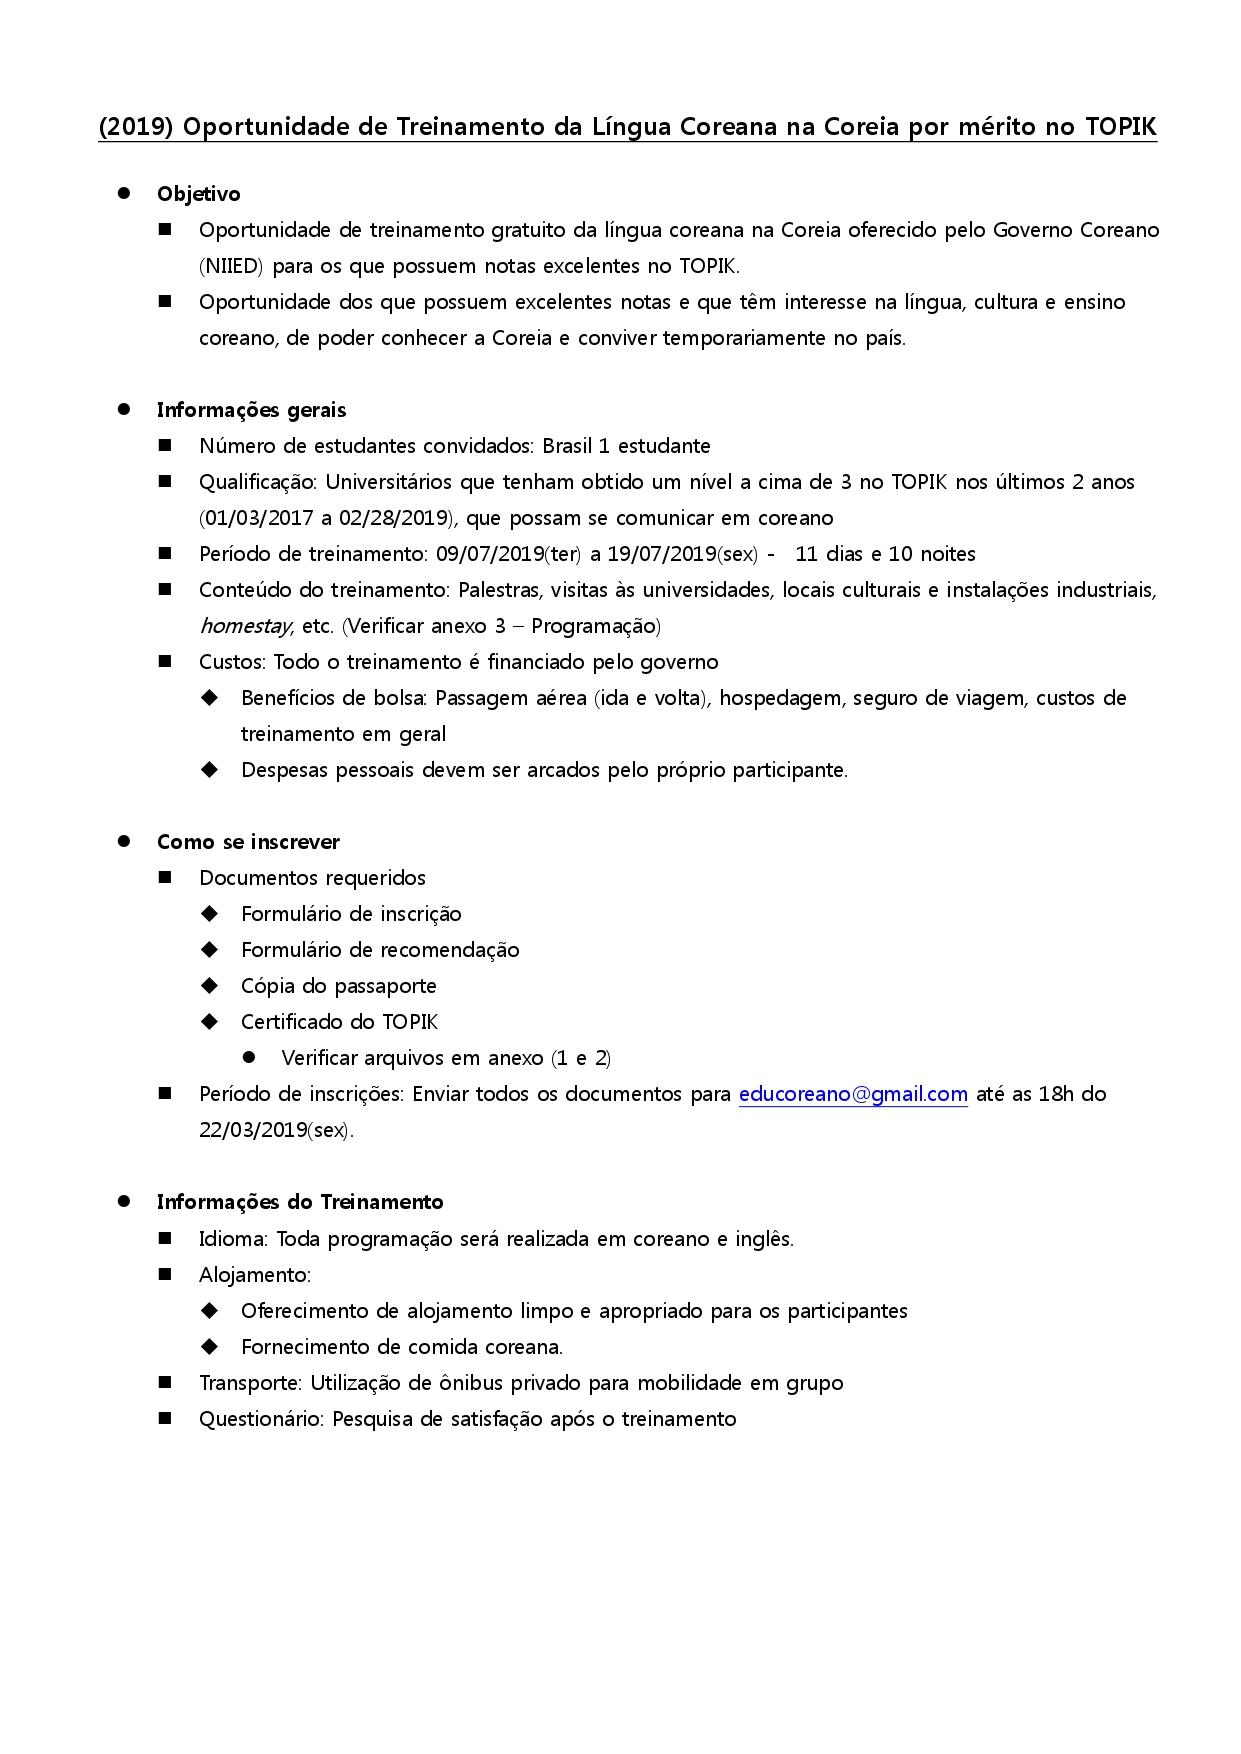 Oportunidade de Treinamento da Língua Coreana na Coreia para notas excelentes em TOPIK_page-0001.jpg